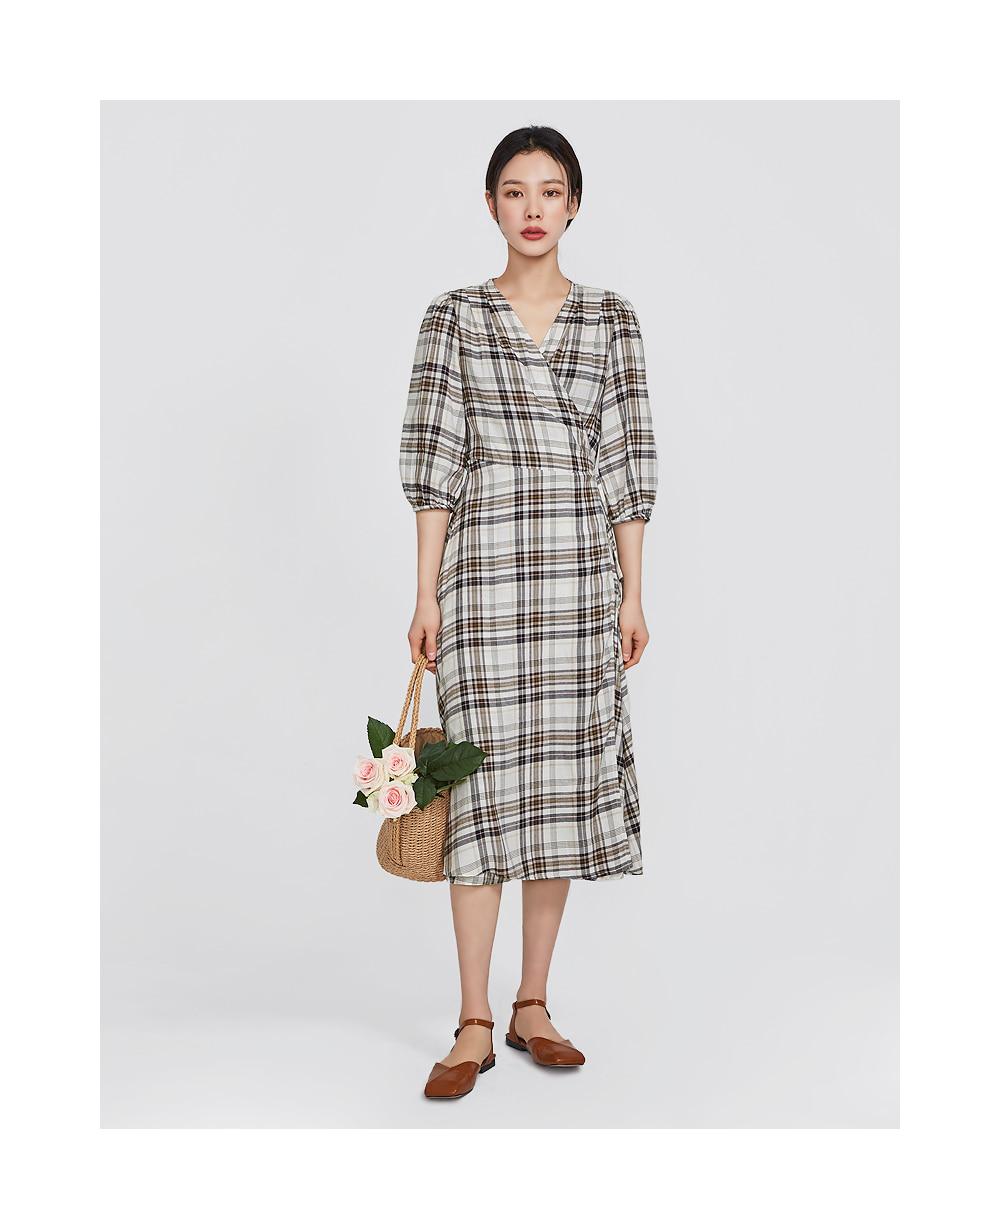 AIN - Korean Fashion - #Kfashion - Rounding Rattan Bag